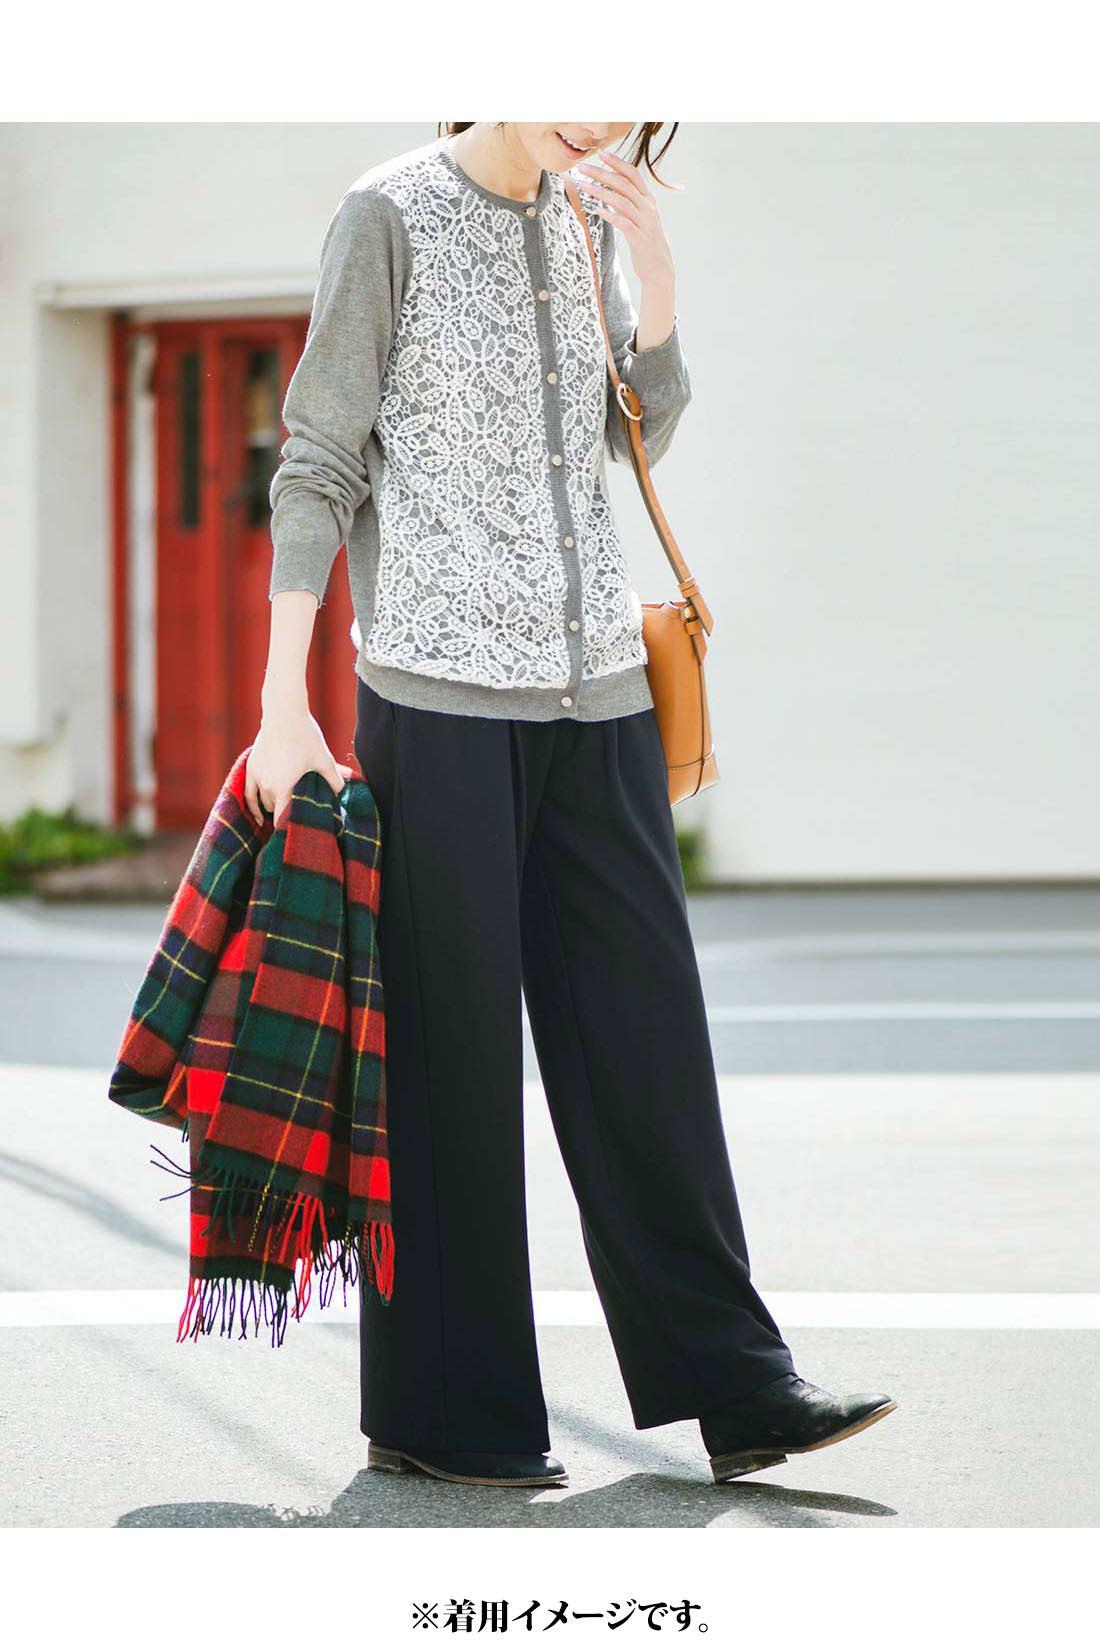 ボトムスを選ばないほどよい丈感でスカートにもパンツにも◎。ほどよいクルーネックで顔まわりすっきり。これは参考画像です。